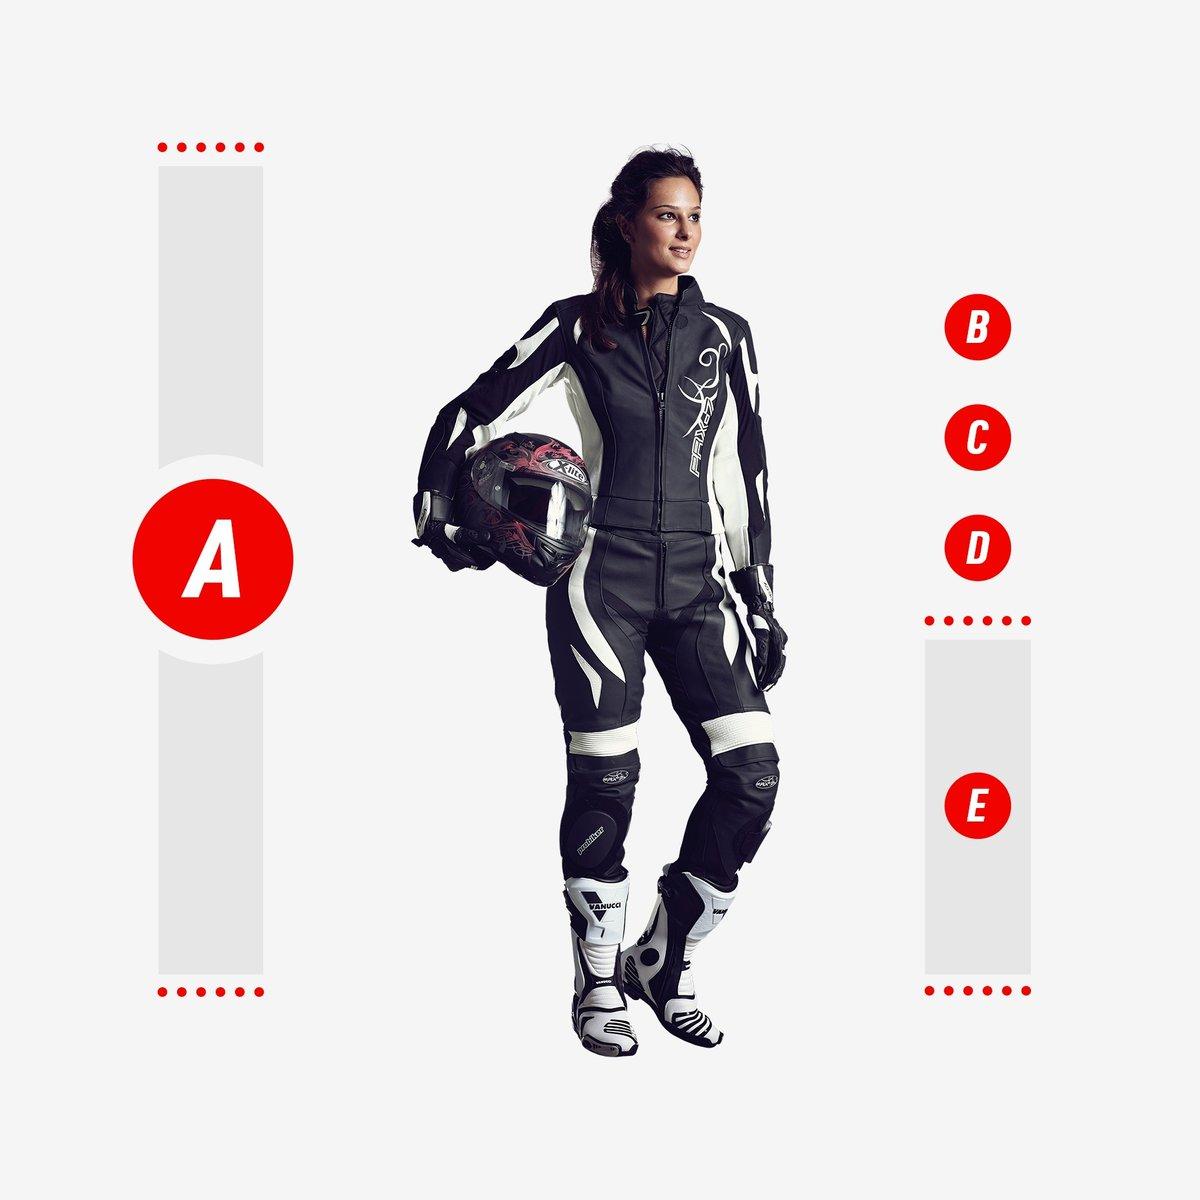 Die Problemzonen bei der Motorrad-Damenbekleidung